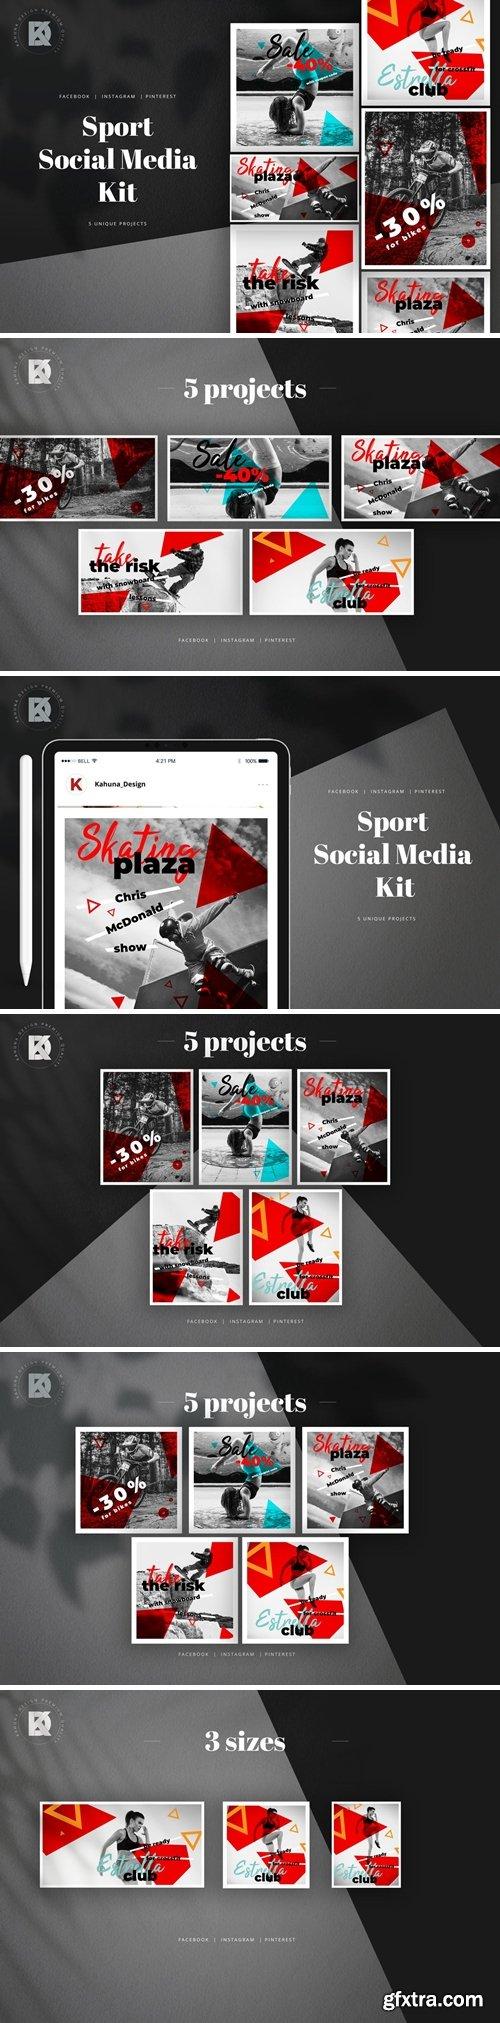 Sport Monochrome Social Media Pack